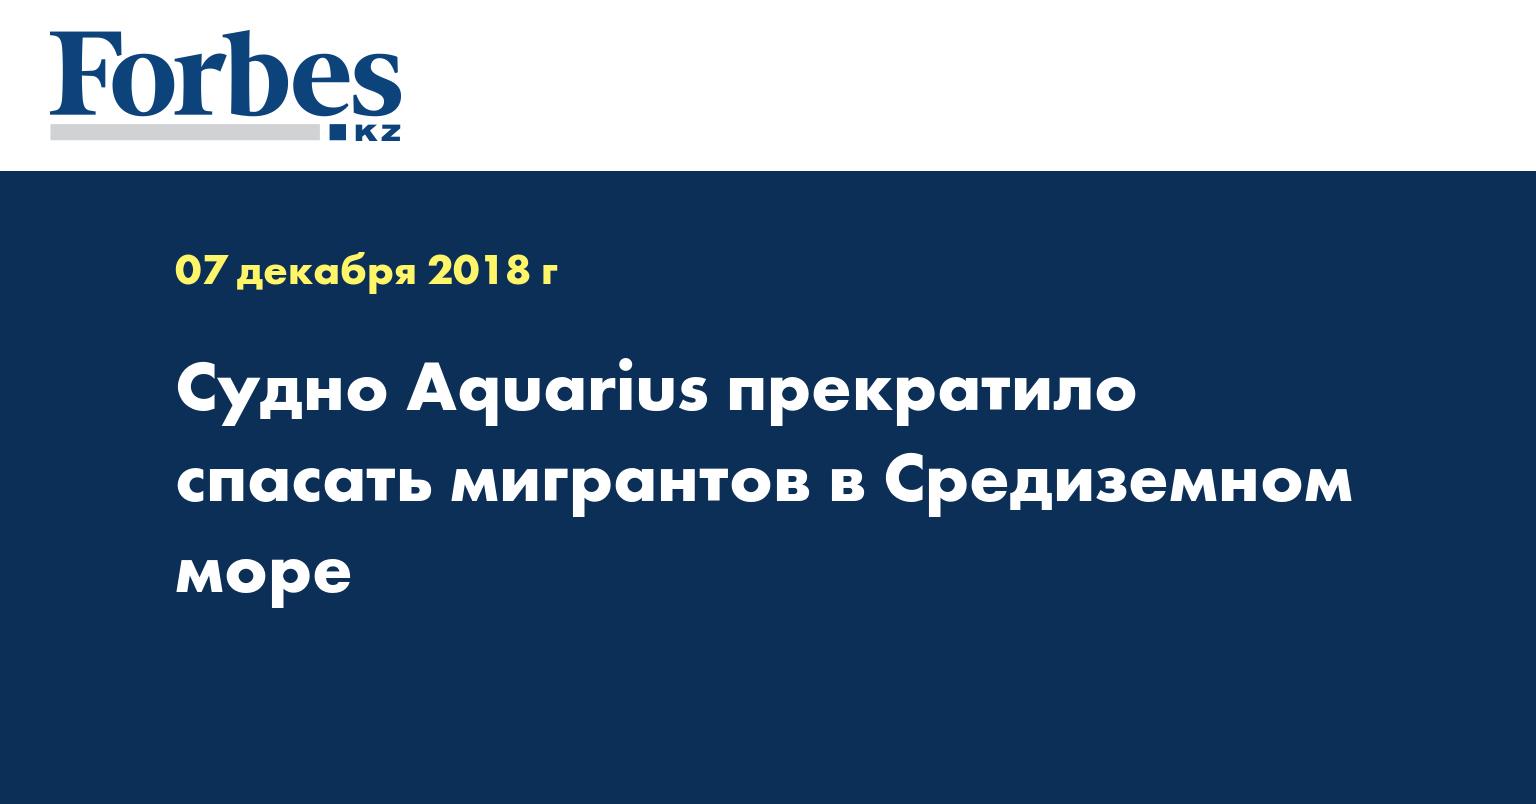 Судно Aquarius прекратило спасать мигрантов в Средиземном море